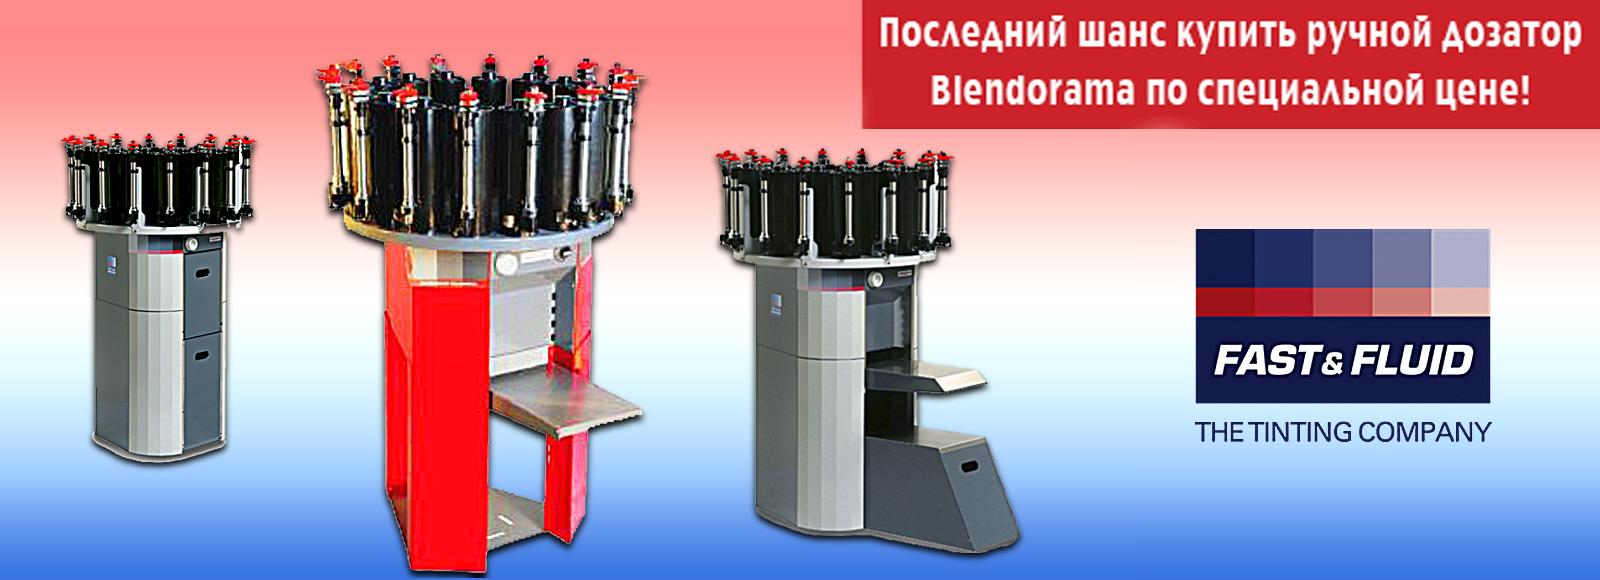 Последний шанс купить ручной дозатор Blendorama!